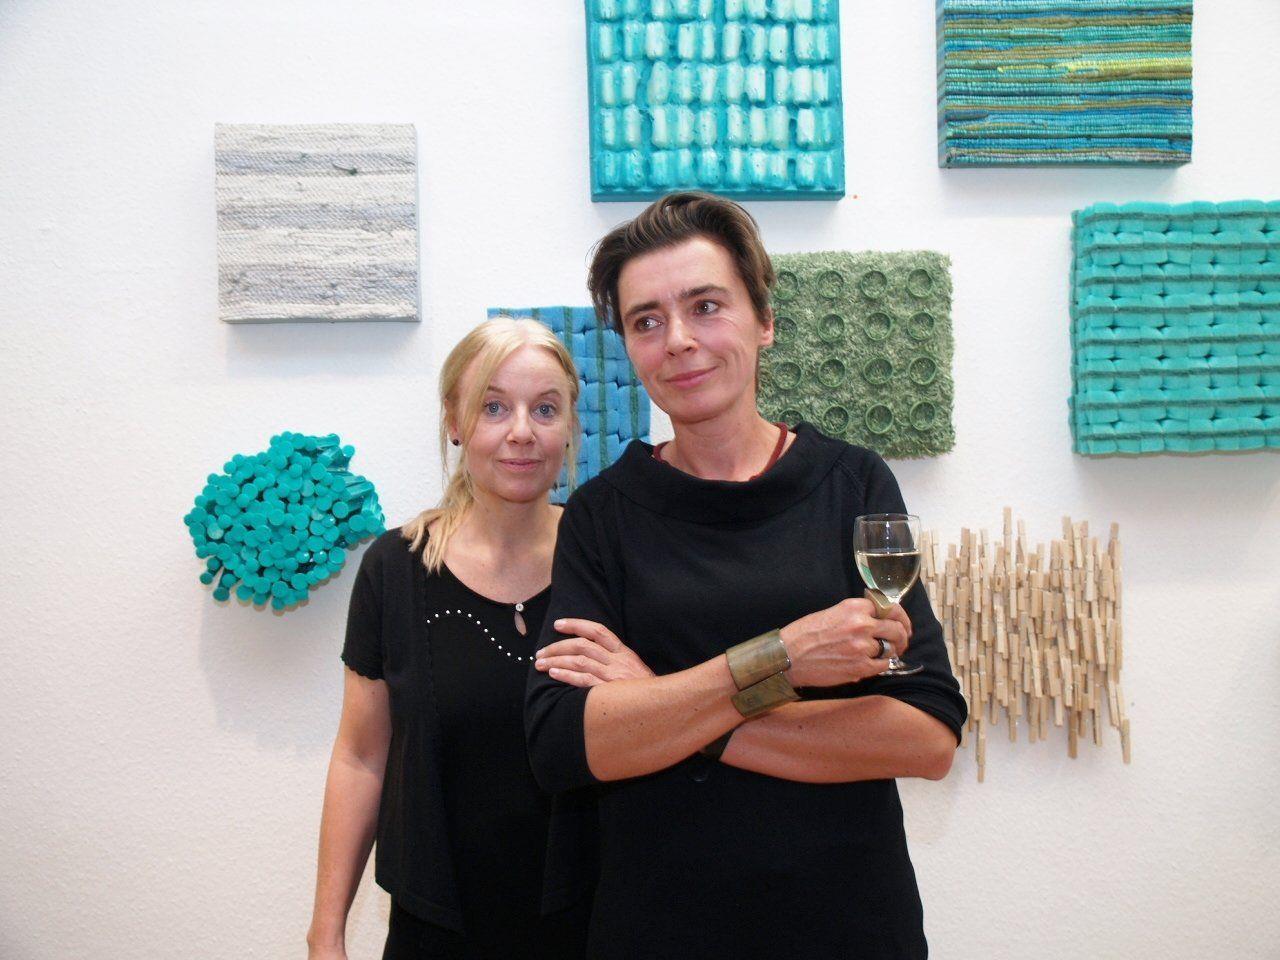 """Künstlerinnen May-Britt Nyberg - Chromy und Franziska Stiegholzer bei der Eröffnung ihrer Ausstellung """"AlltagsDINGE"""""""